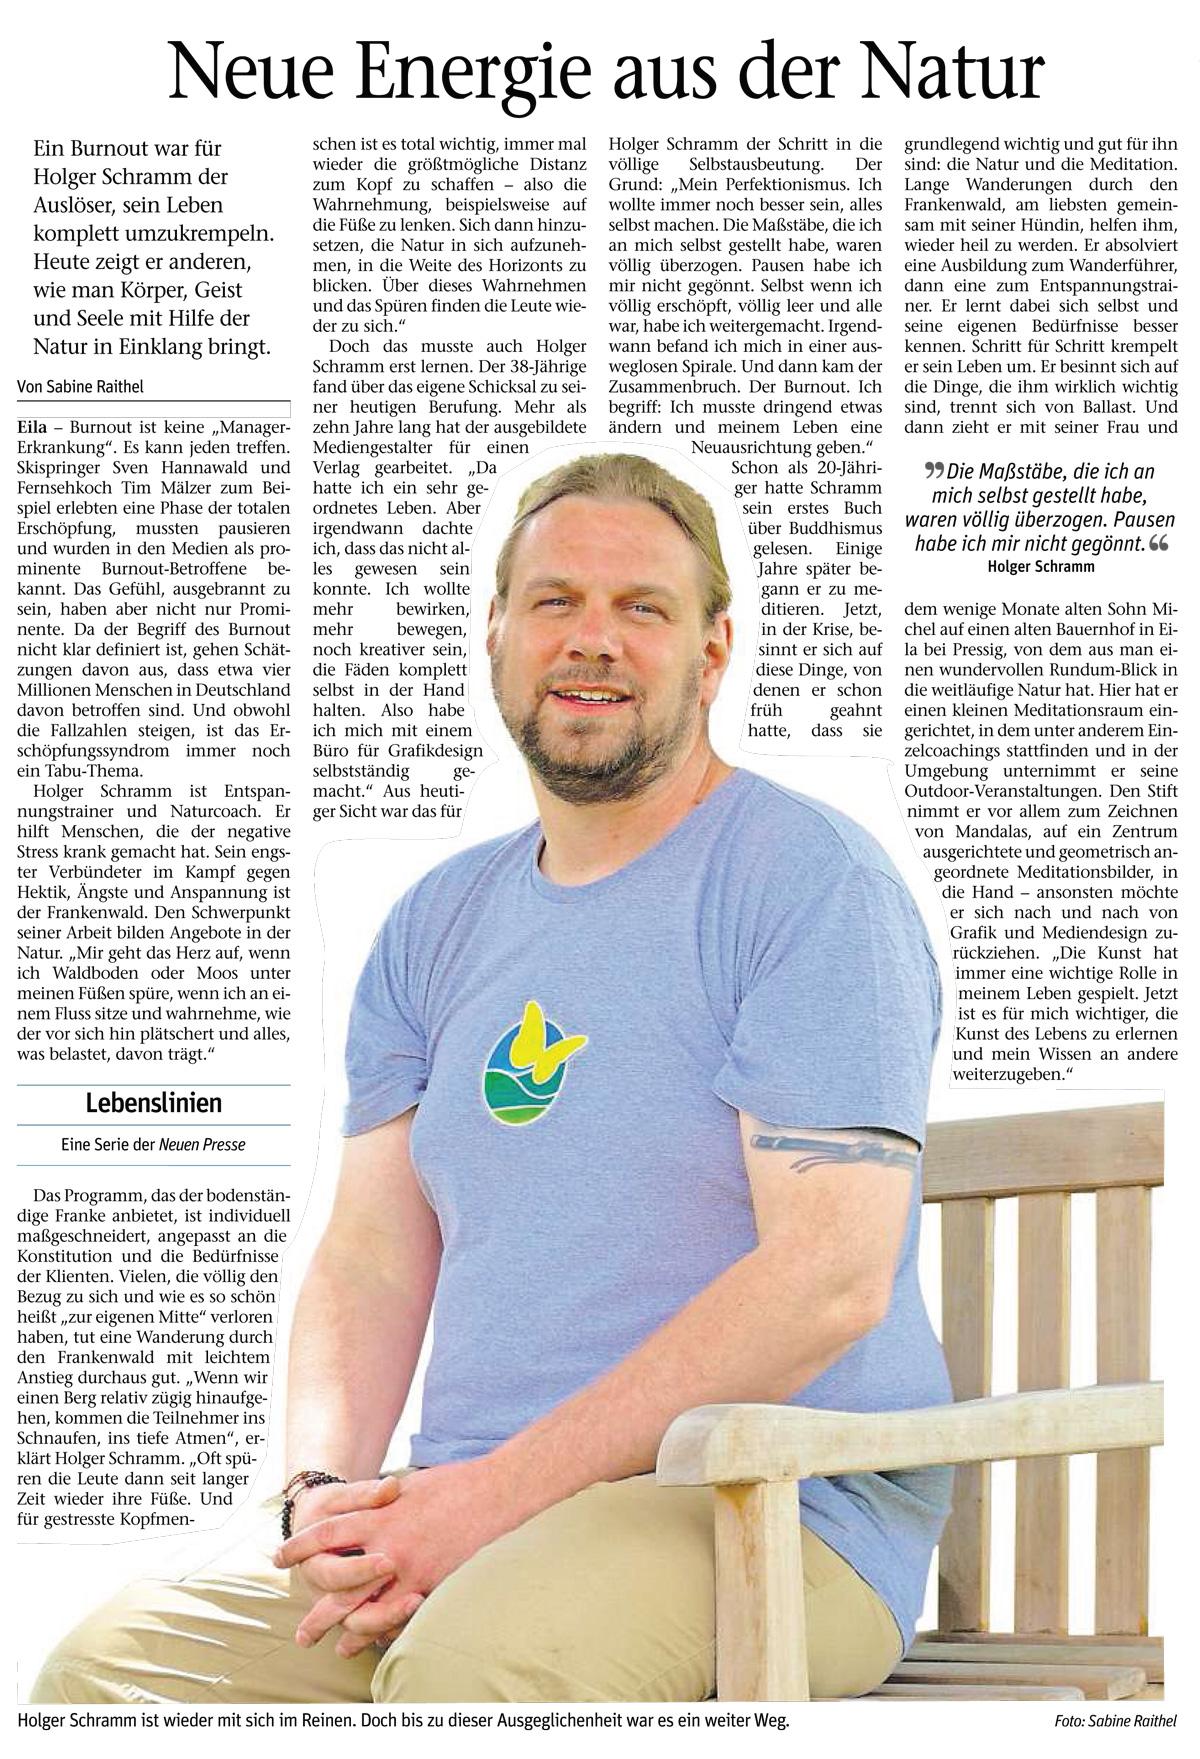 Neue Energie aus der Natur - Artikel in der Neuen Presse Kronach, 28.06.2016